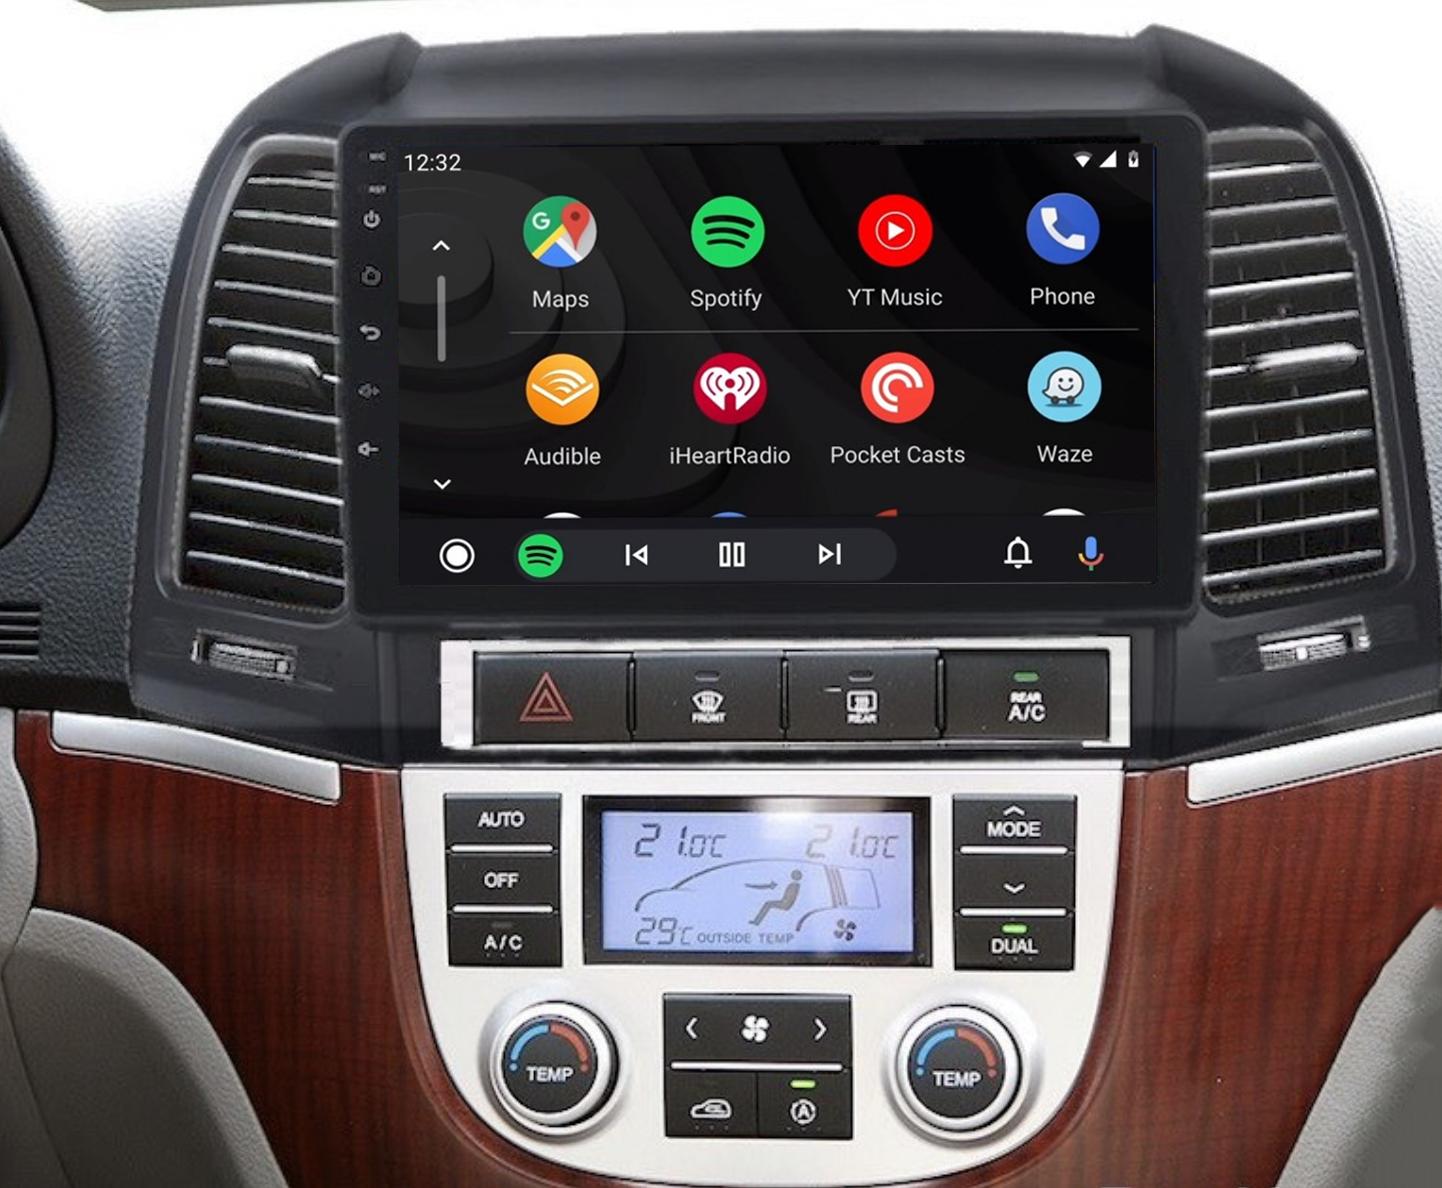 Ecran tactile QLED Android 11.0 + Apple Carplay sans fil Hyundai Santa Fe de 2006 à 2012